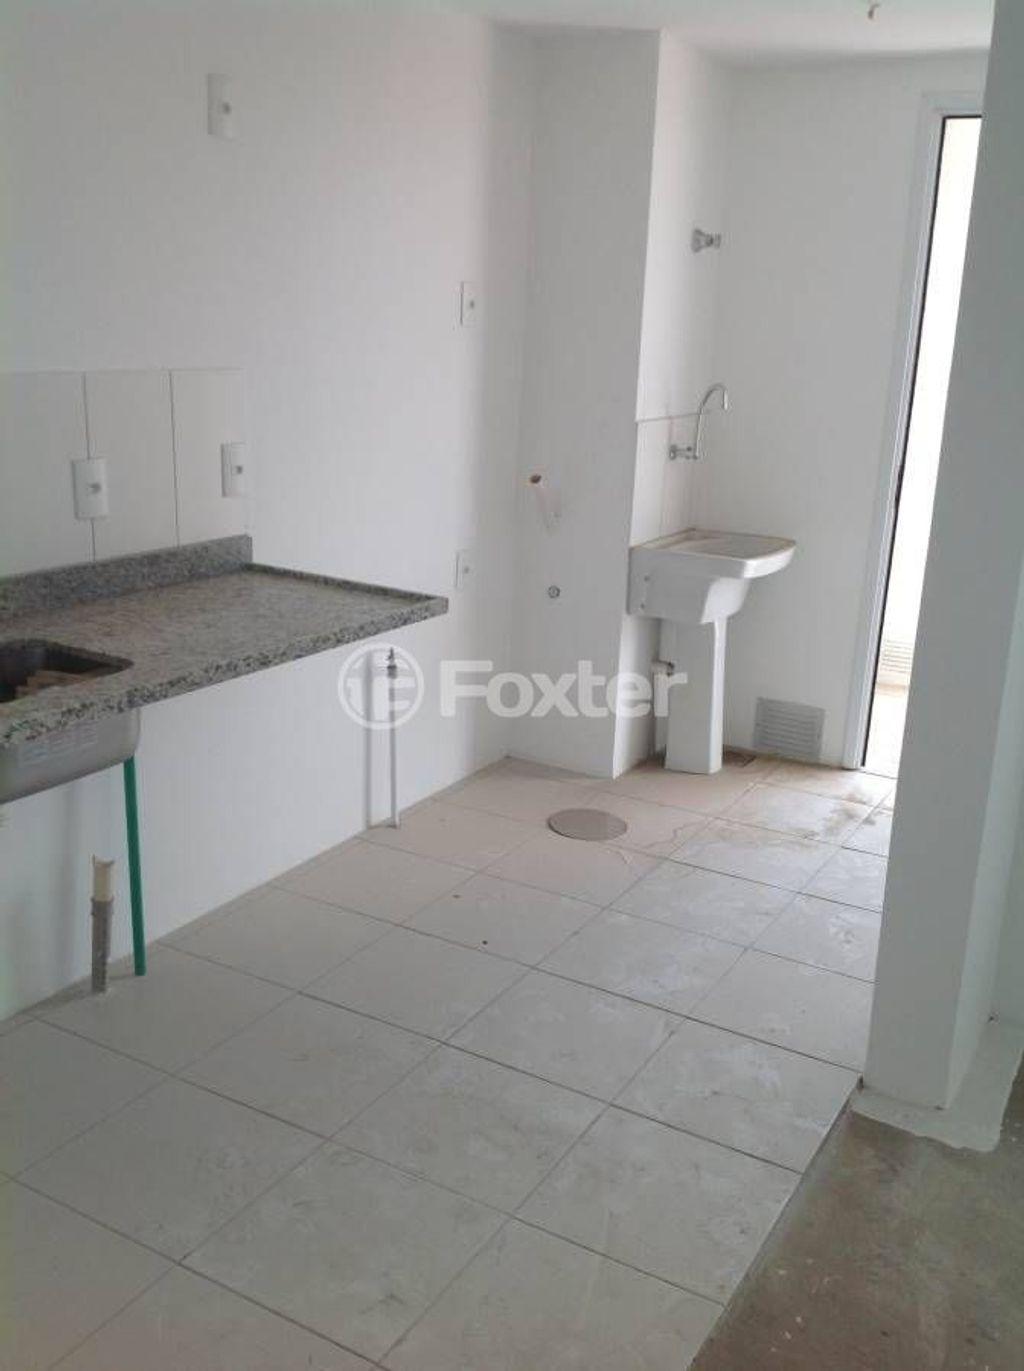 Foxter Imobiliária - Apto 3 Dorm, Vila Ipiranga - Foto 32